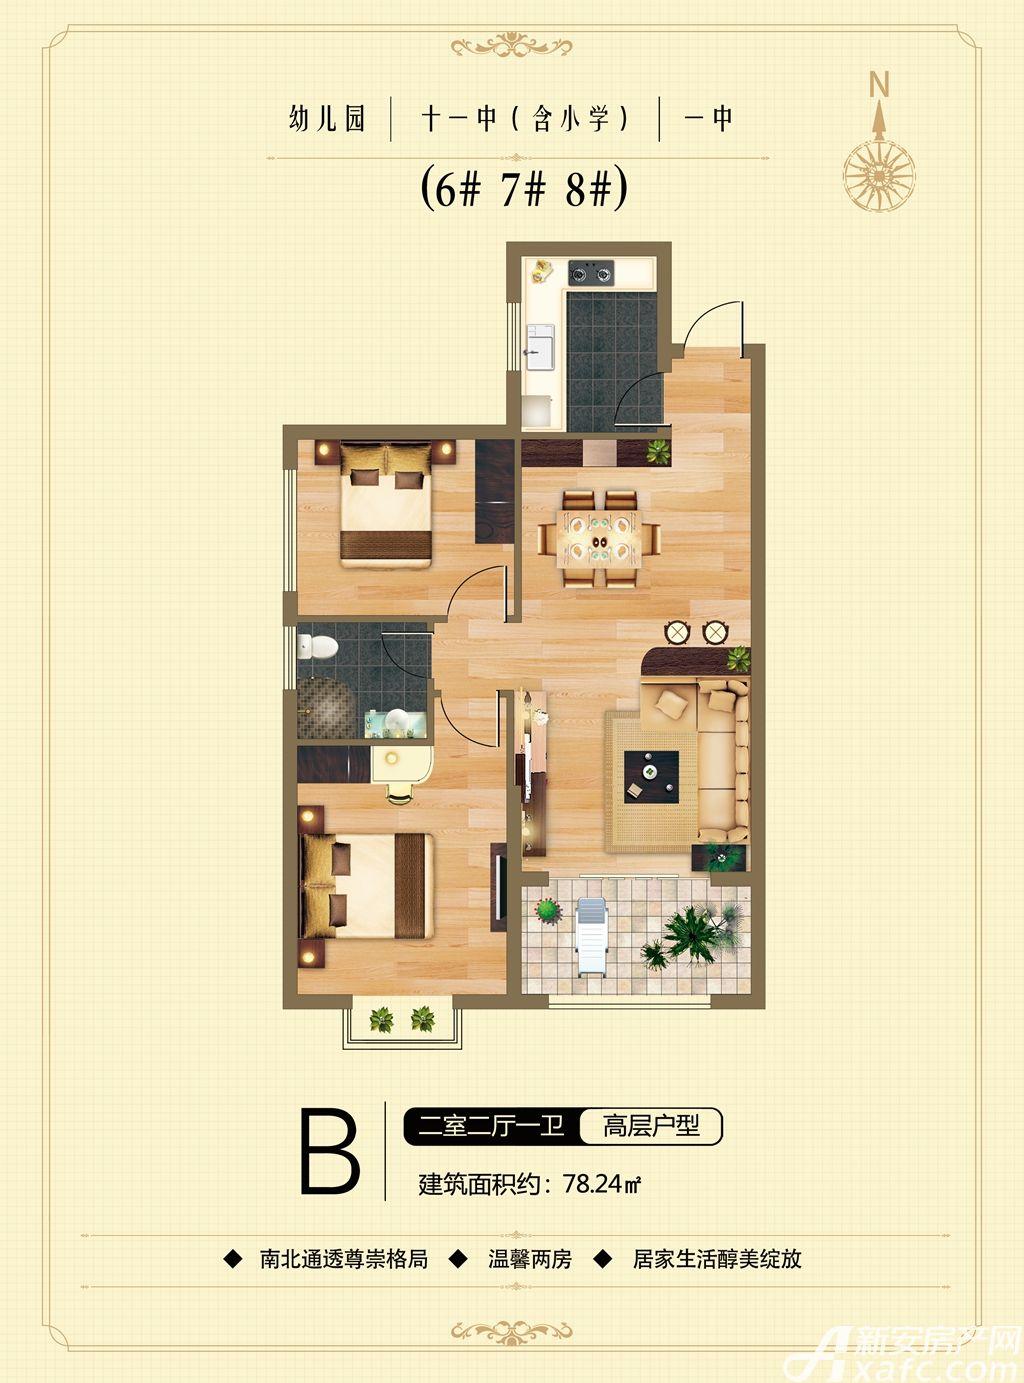 龙汇学源居B户型2室2厅78.24平米